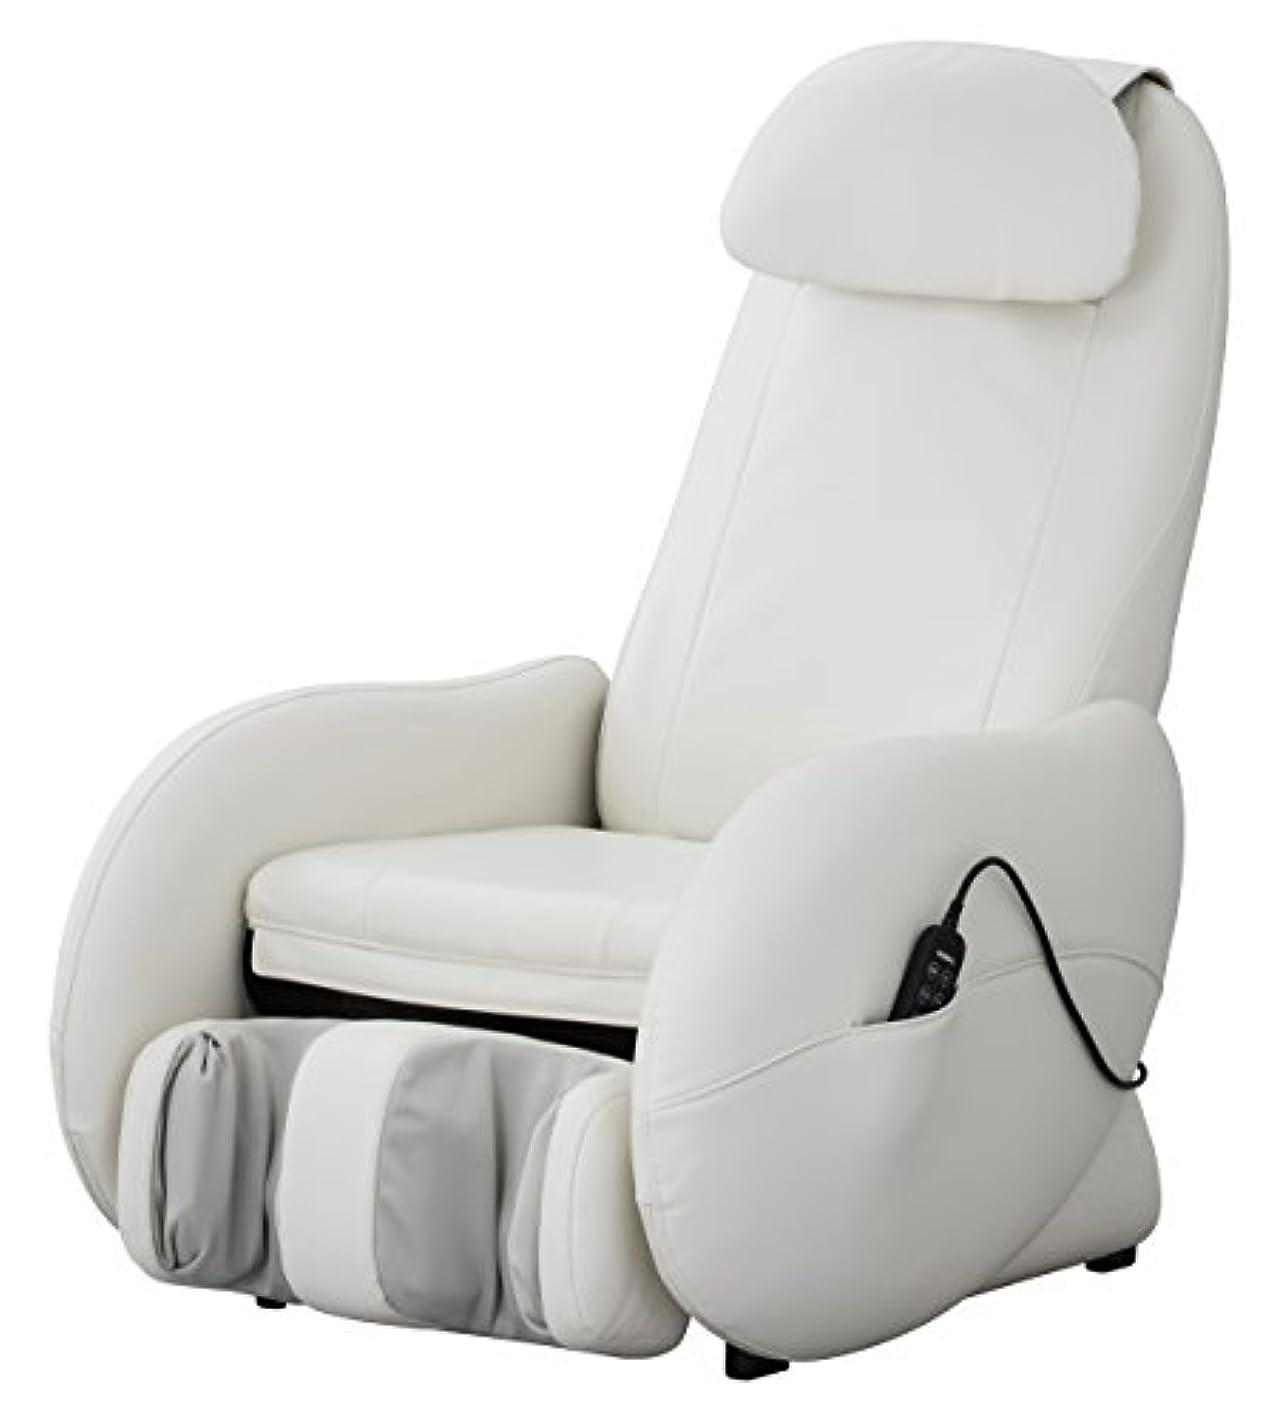 公演タクシー嵐が丘スライヴ くつろぎ指定席Light マッサージチェア CHD-3500-WH ホワイト 正規品 おしゃれ コンパクト 小型